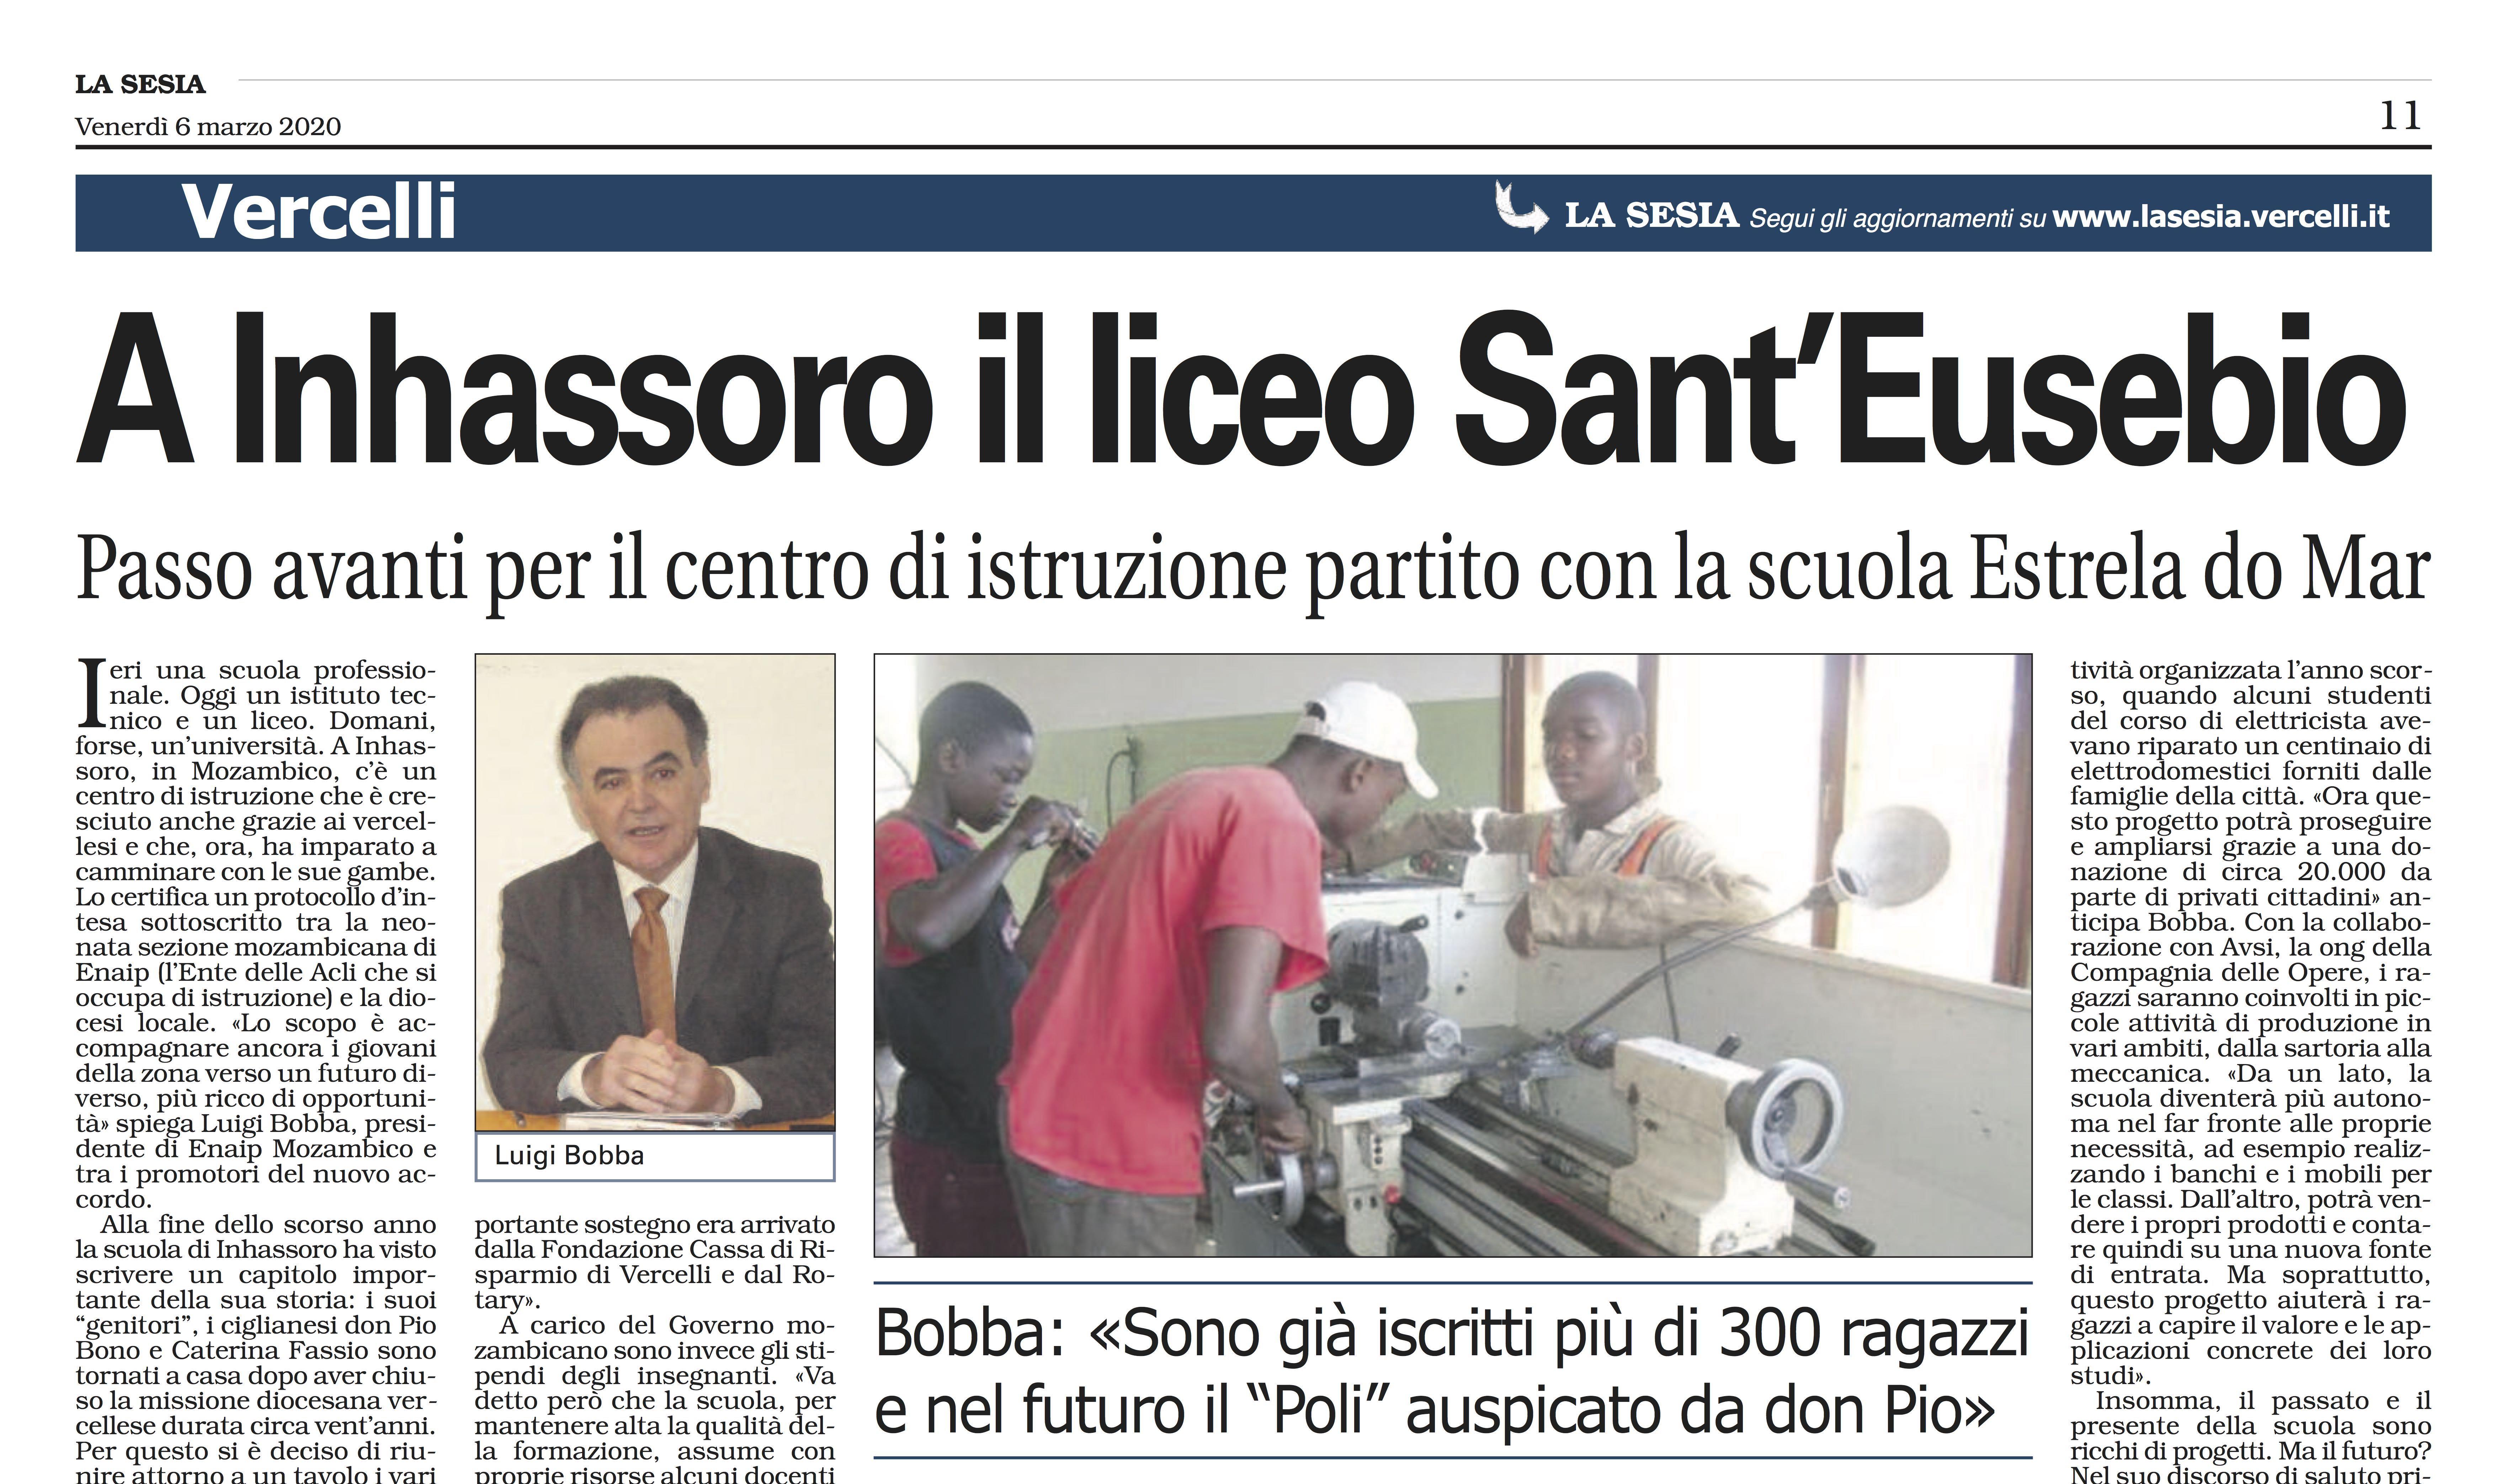 A Inhassoro il liceo Sant'Eusebio